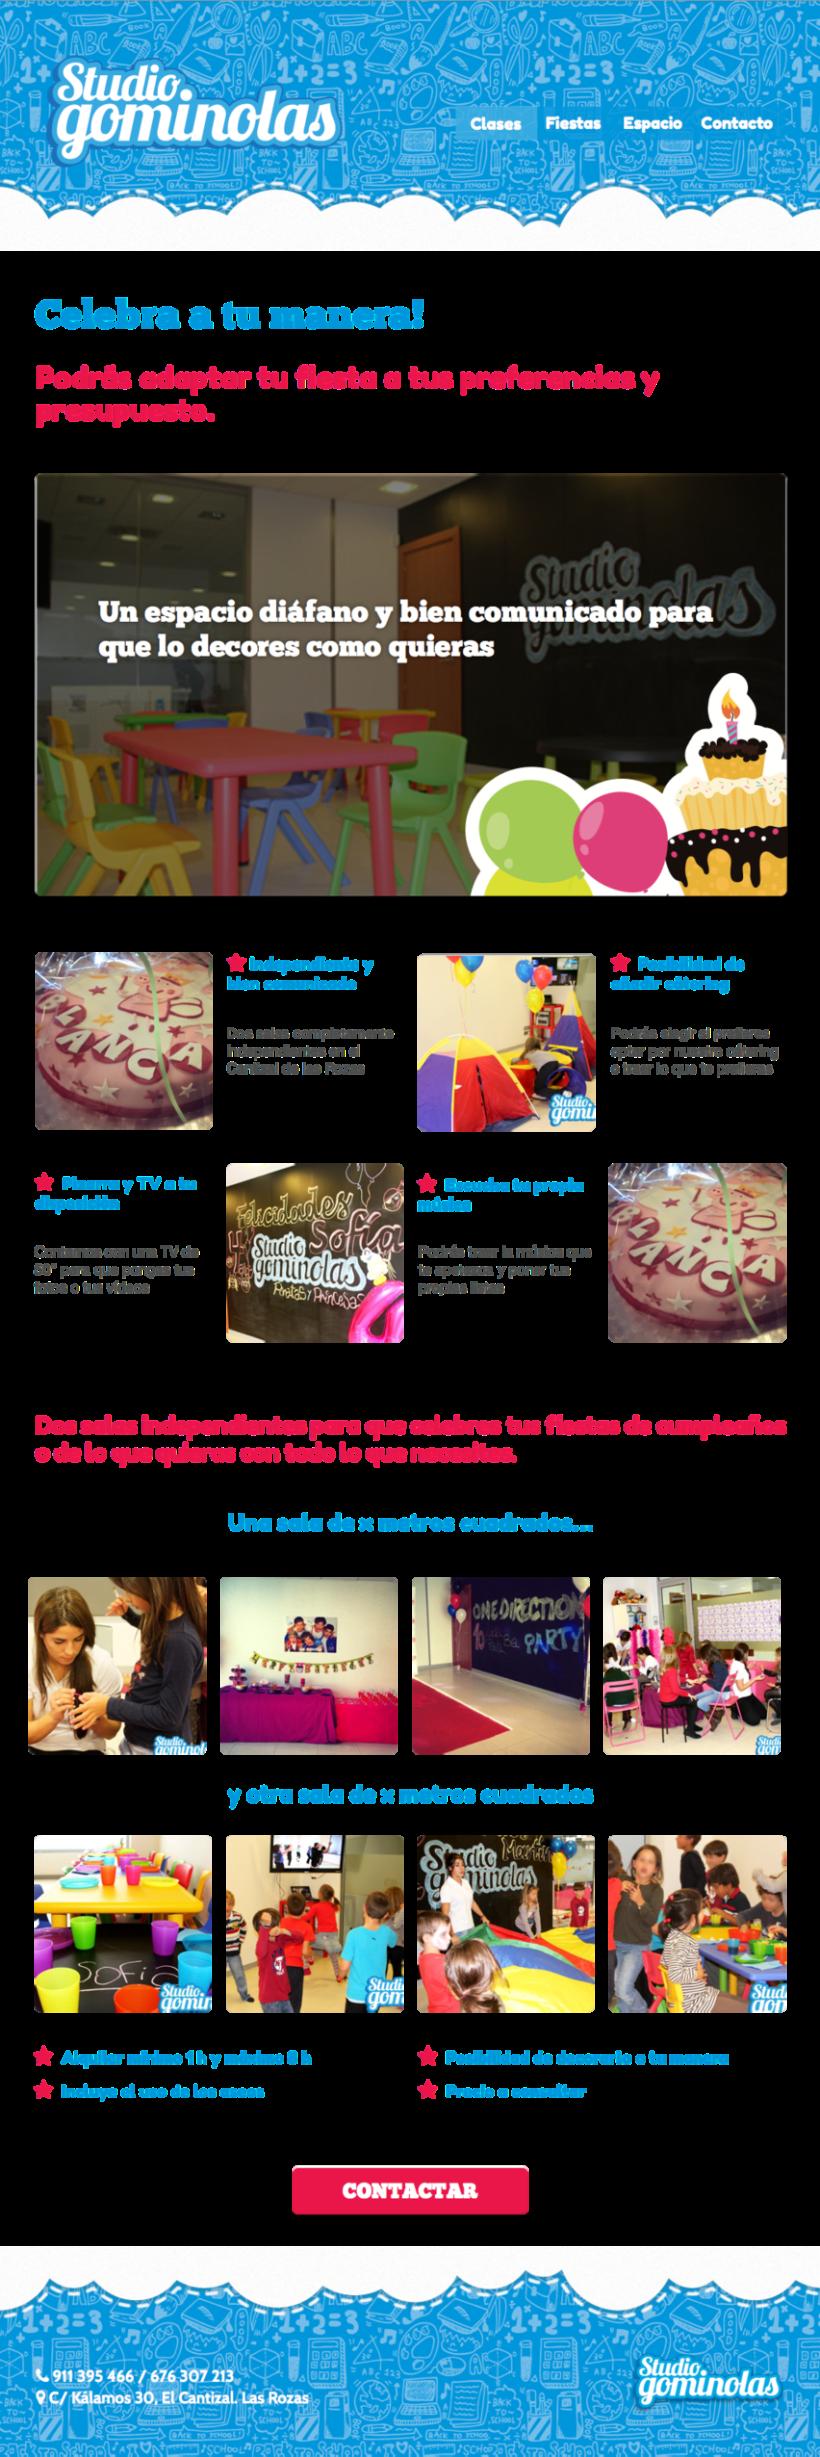 Rediseño web Studio Gominolas 4